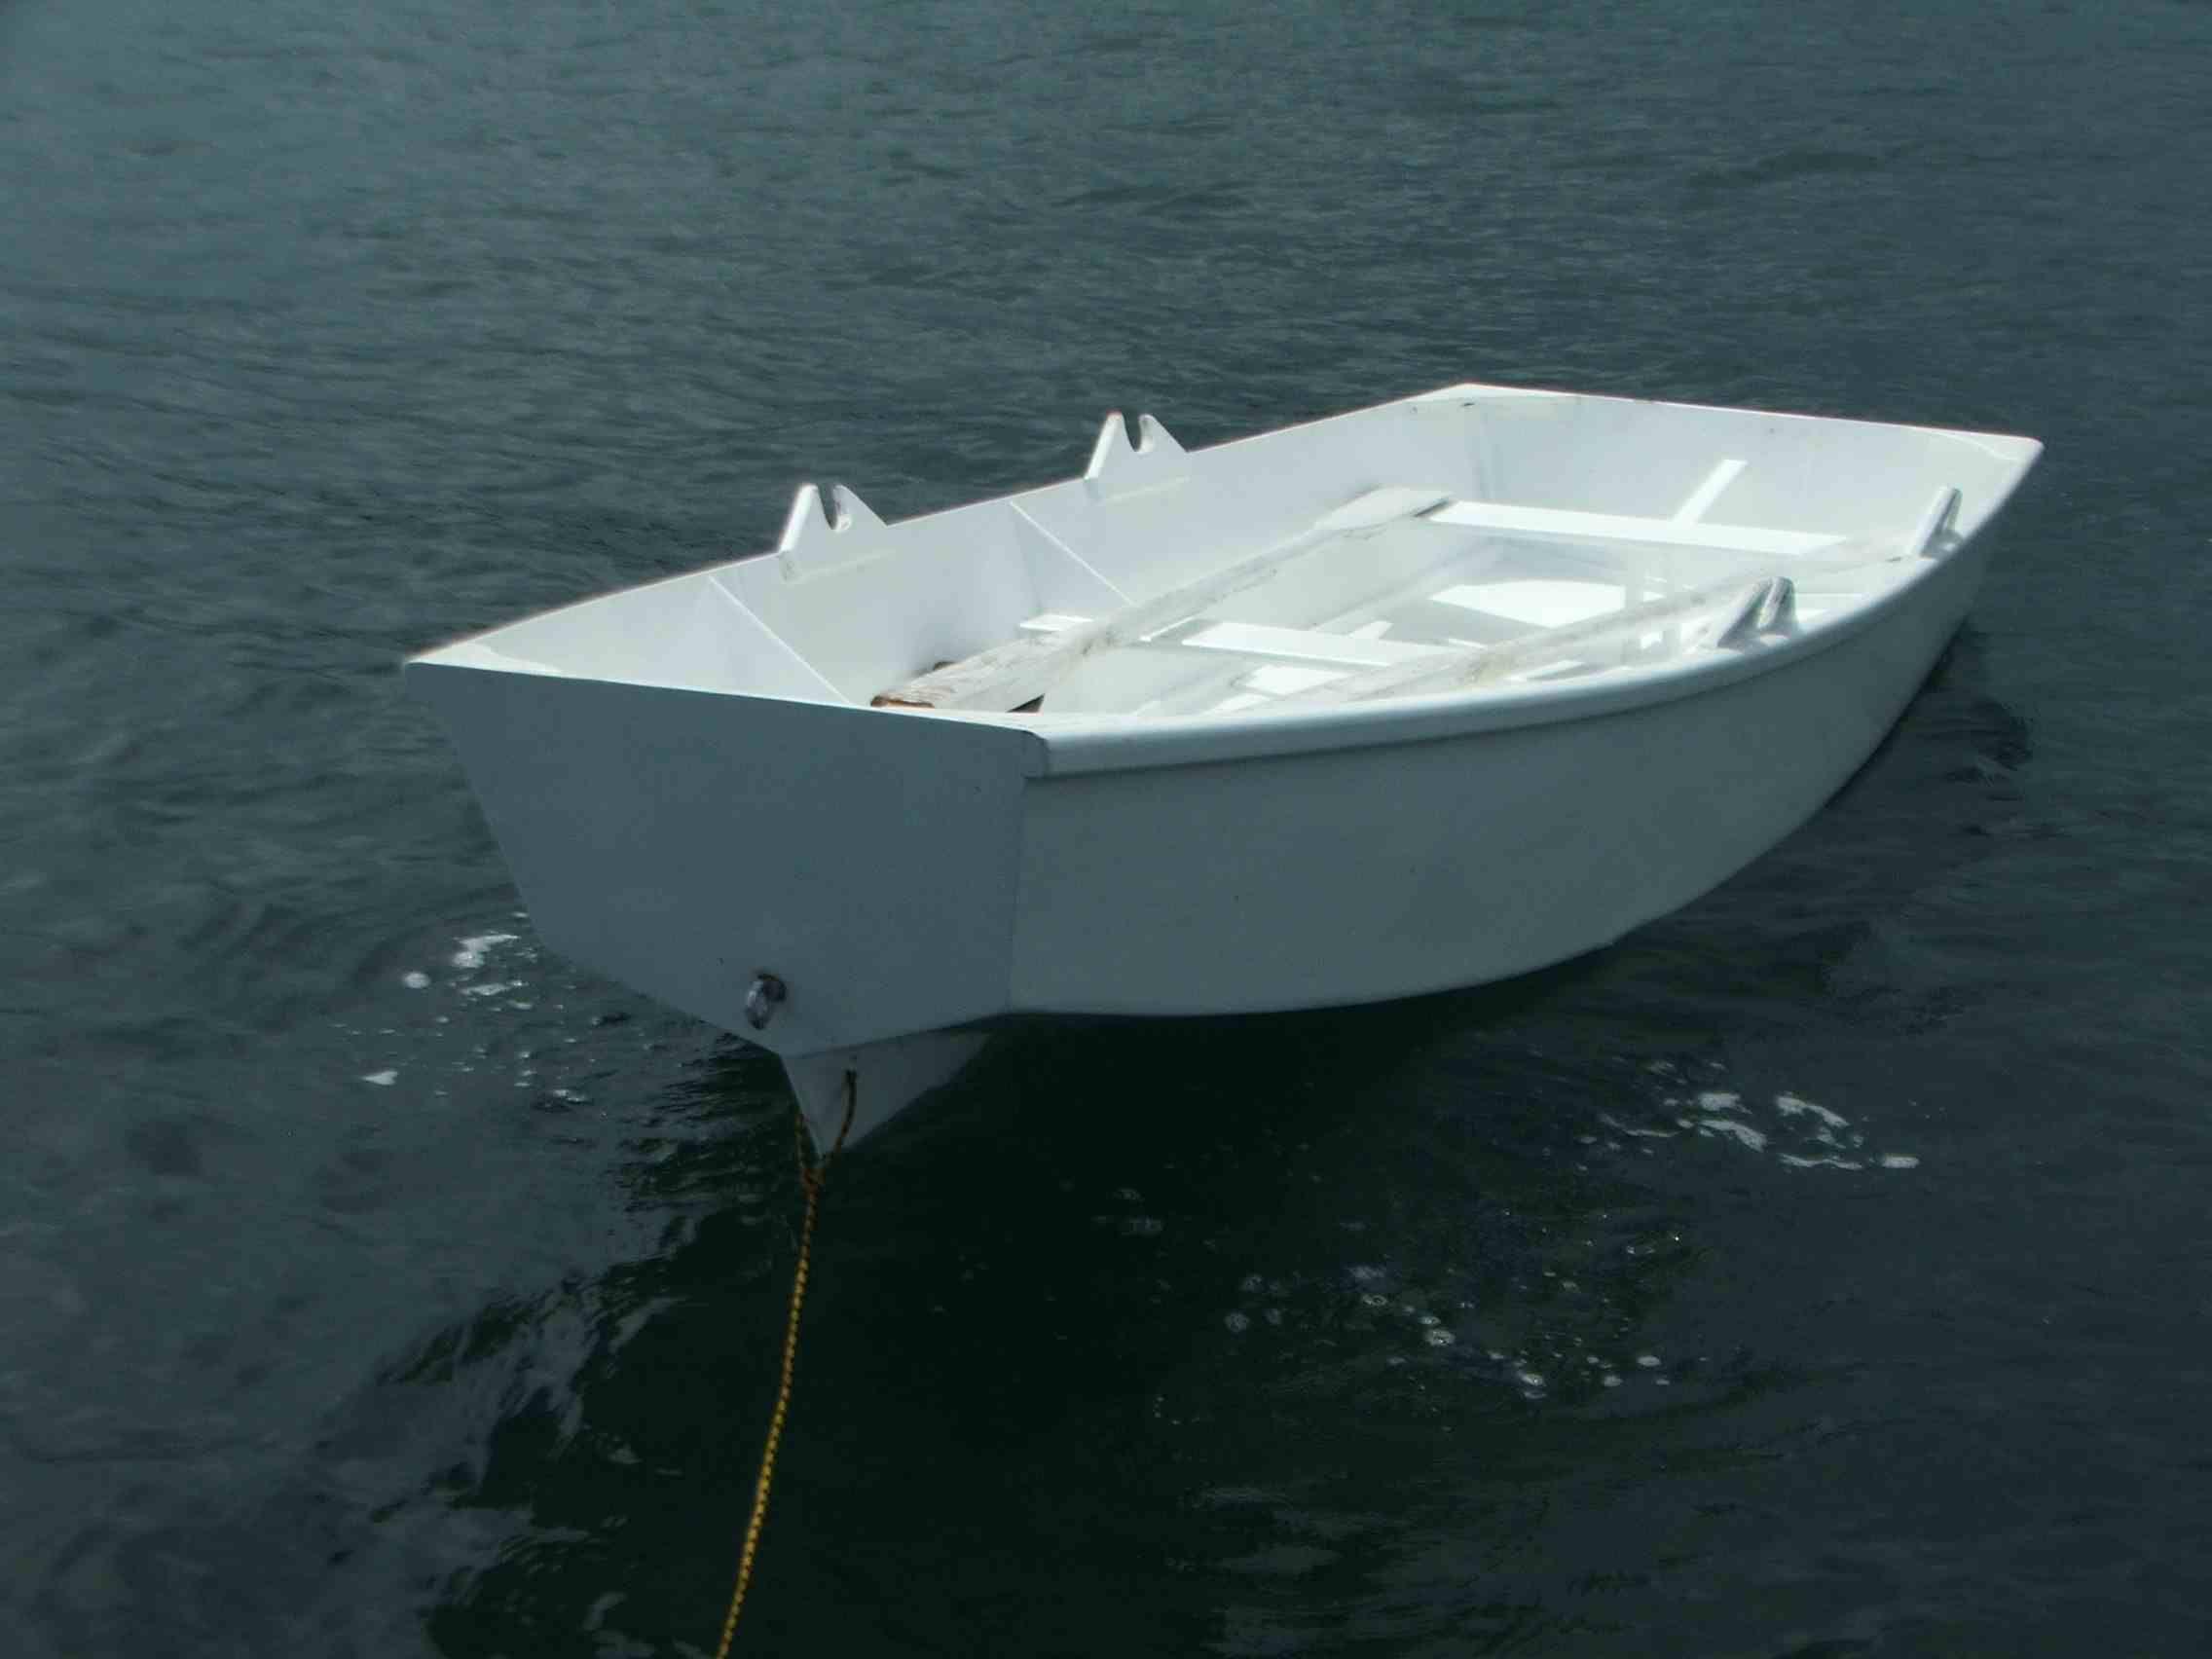 12' dinghy plans | Boat Plans | Pinterest | Dinghy